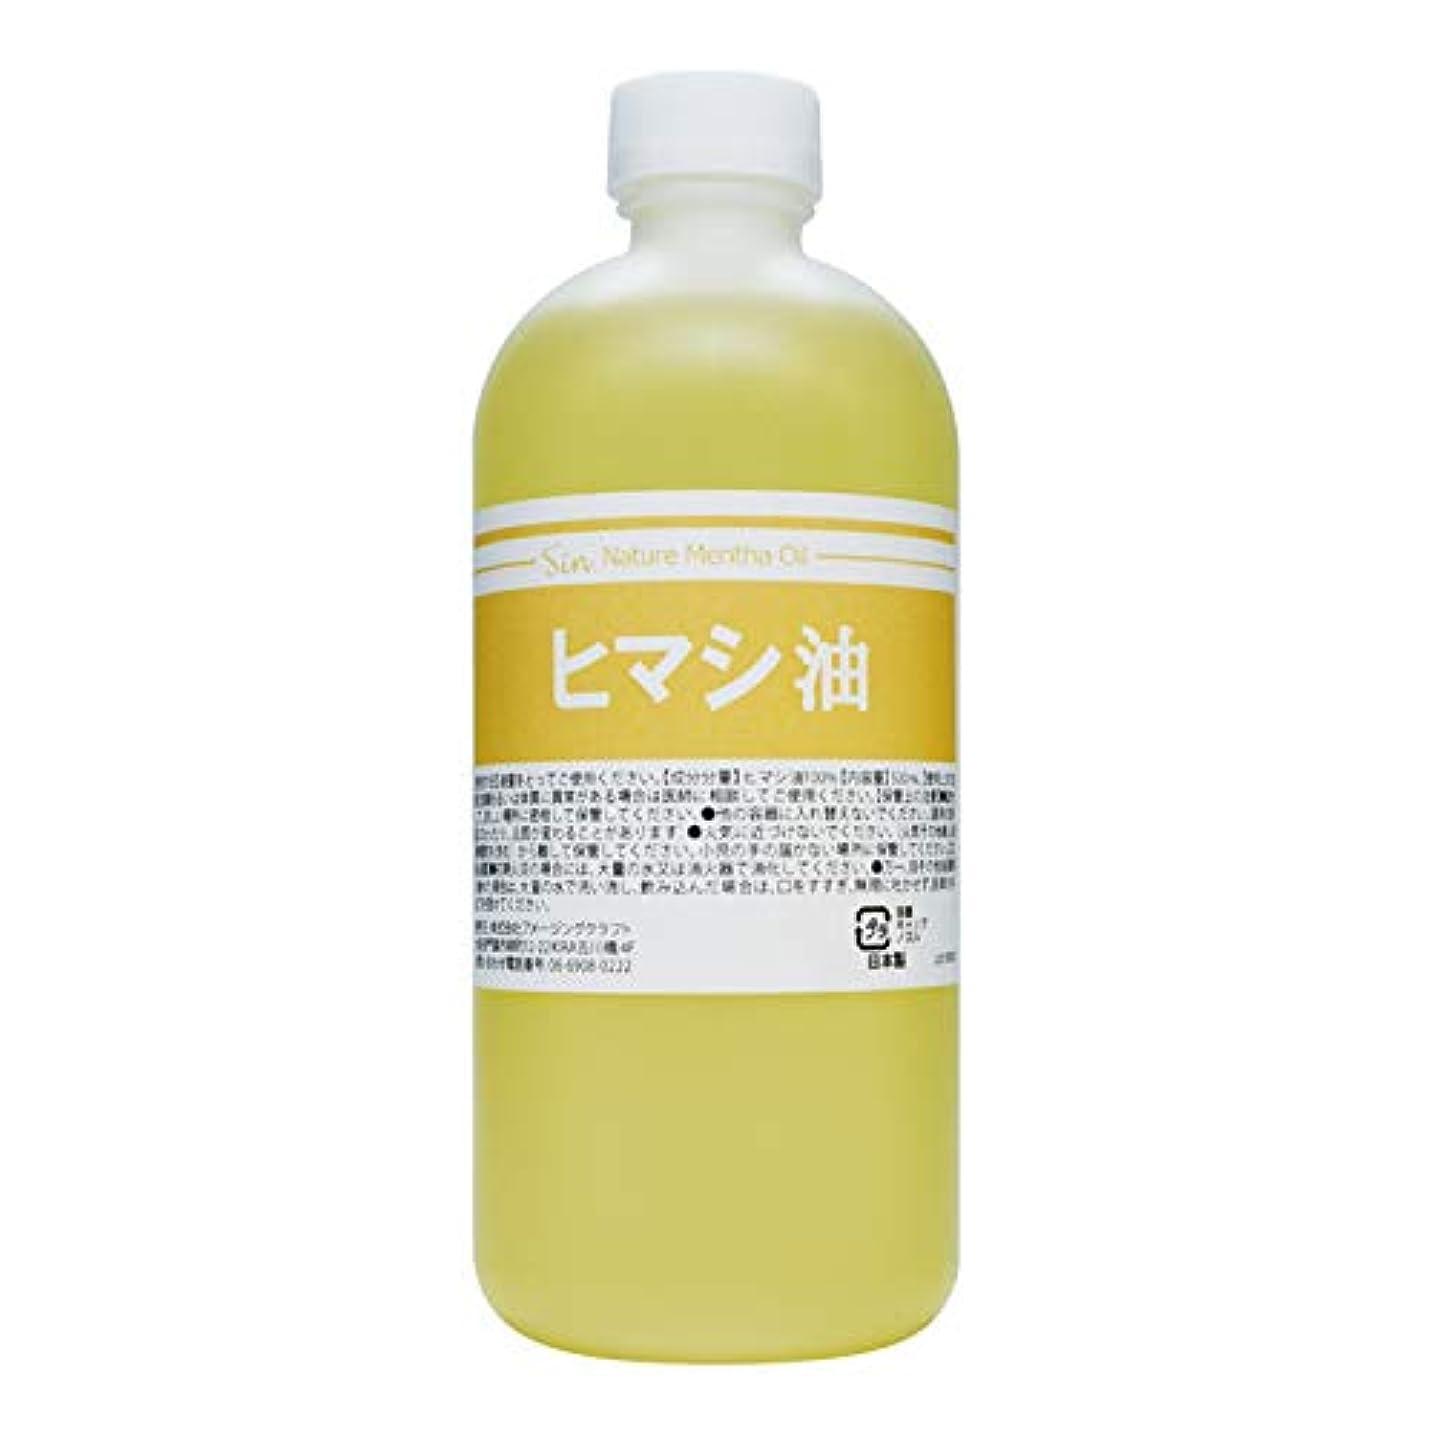 委任十分なブランチ天然無添加 国内精製 ひまし油 500ml (ヒマシ油 キャスターオイル)